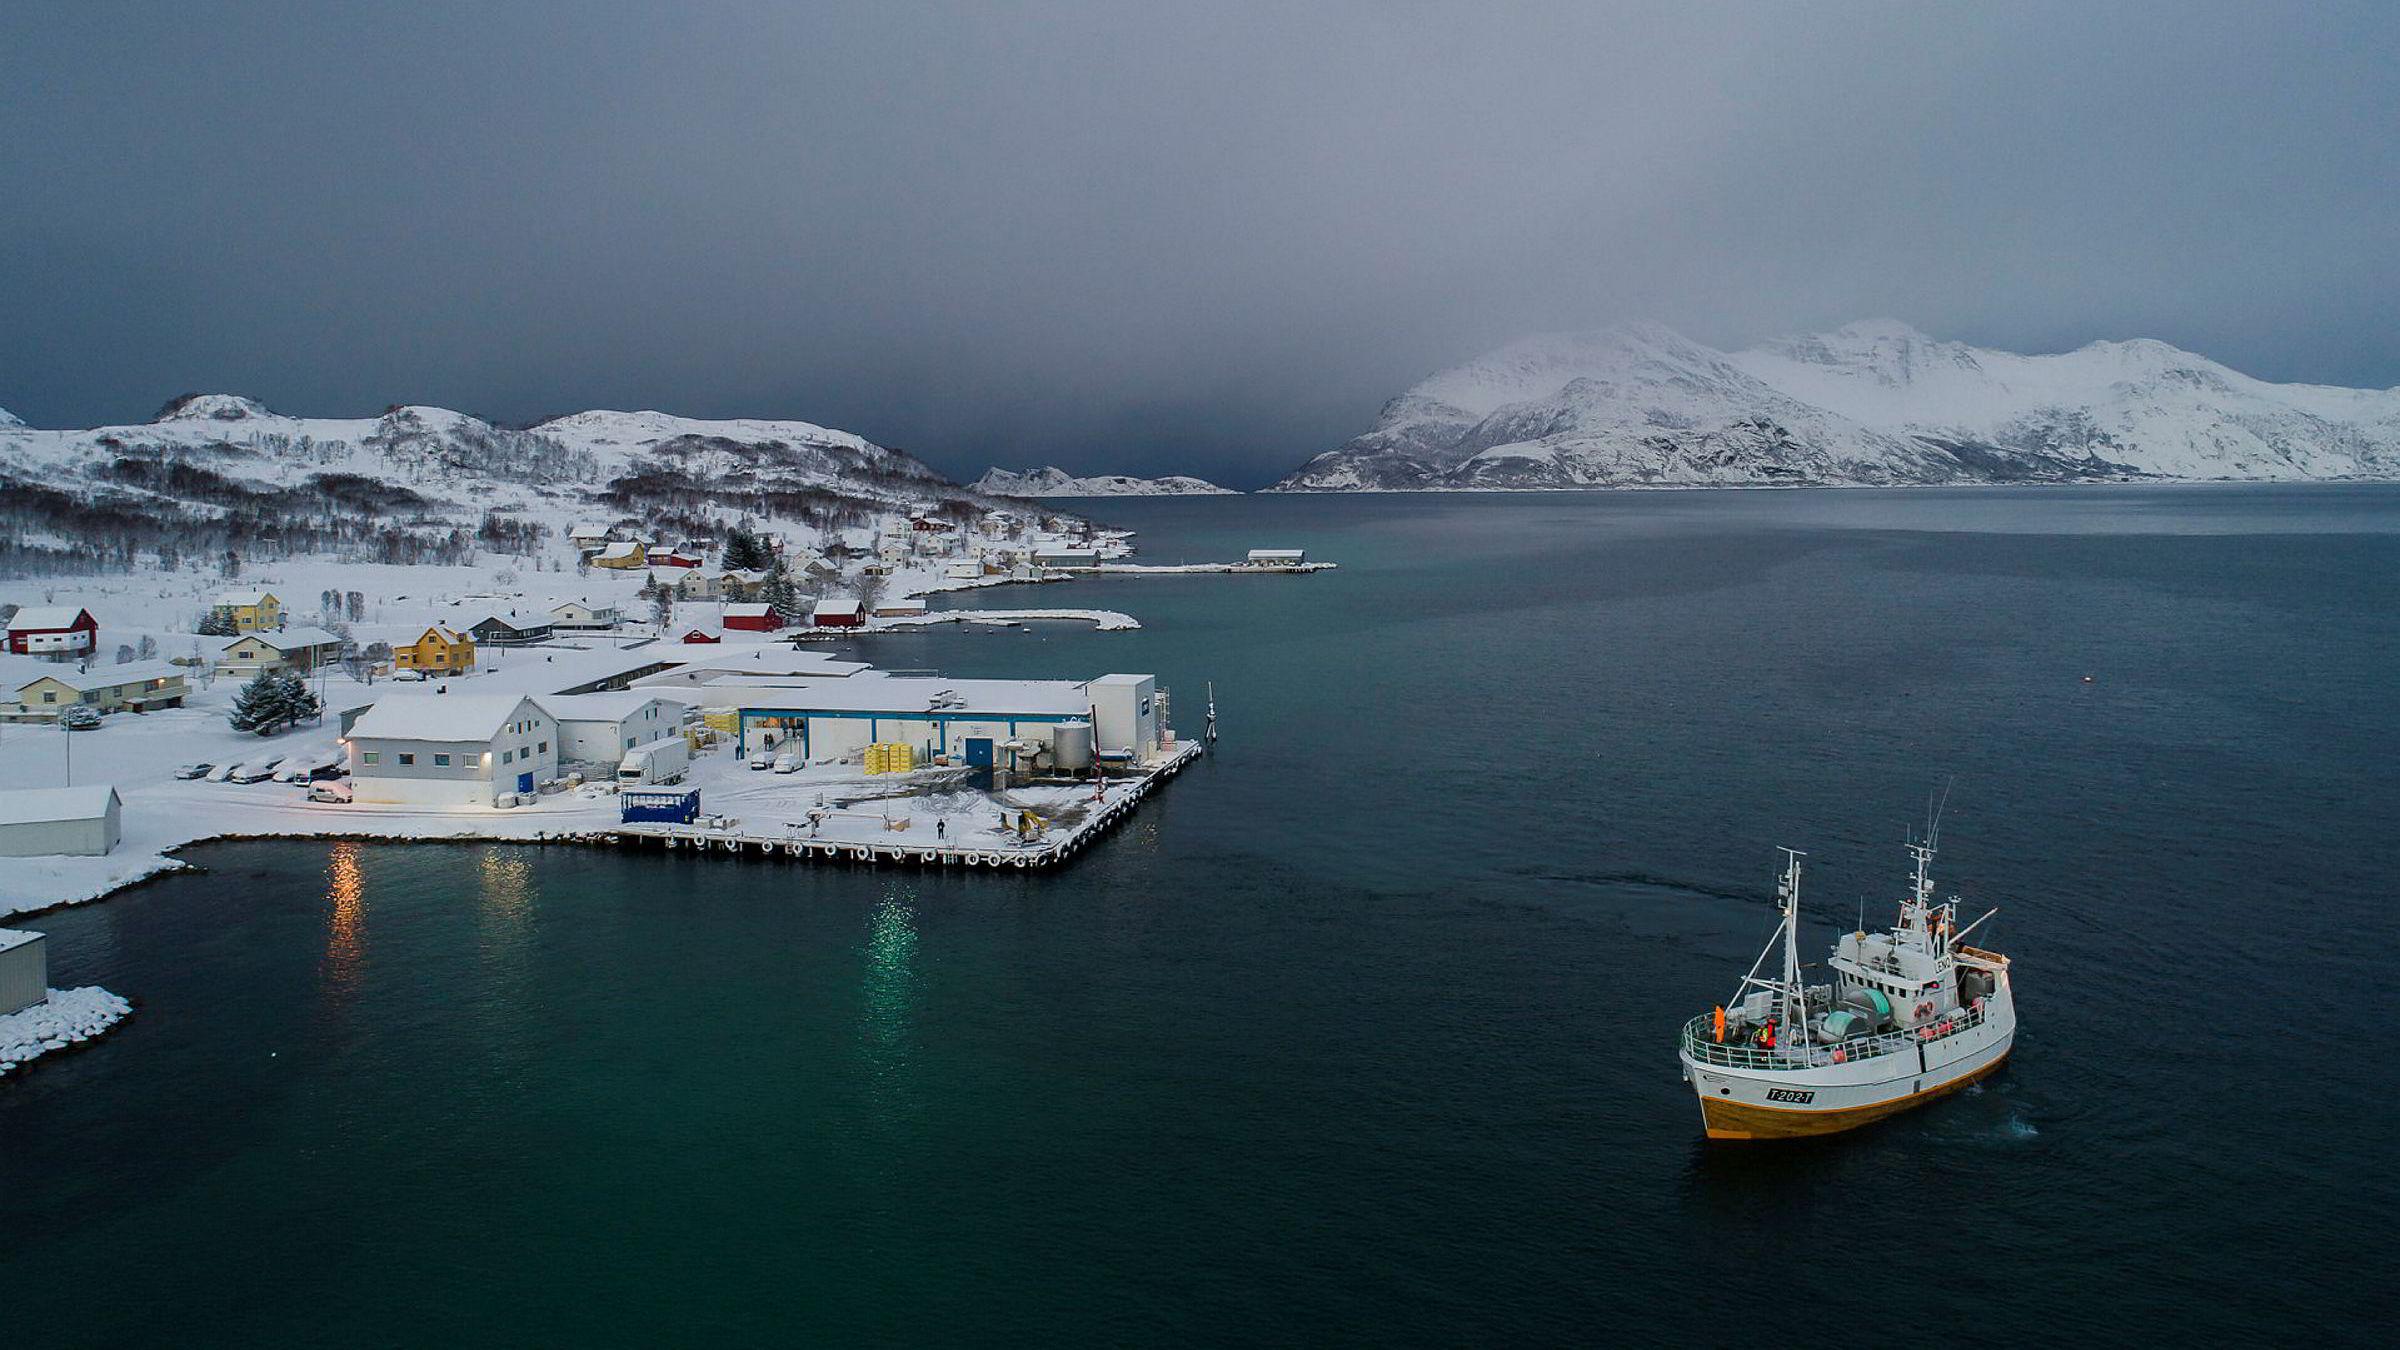 Norsk fiskehverdag kommer til å forandre seg etter brexit. Her er fiskebåten «Mjosund» inne hos Lerøy Norway Seafood i Tromvik for å levere skrei.